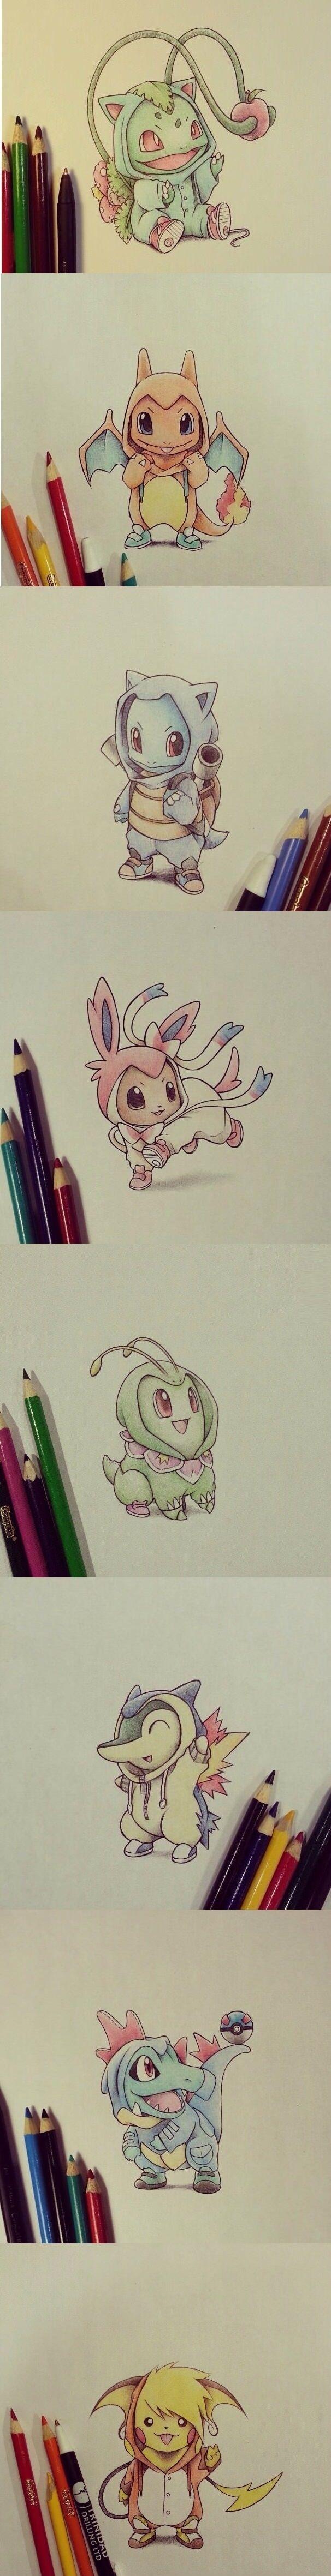 gente olha só esses Pokémon!!!!eles estão fantasiados de suas evoluções!!!como o titulo  Lápis de cor,pokémons e muita fofura!